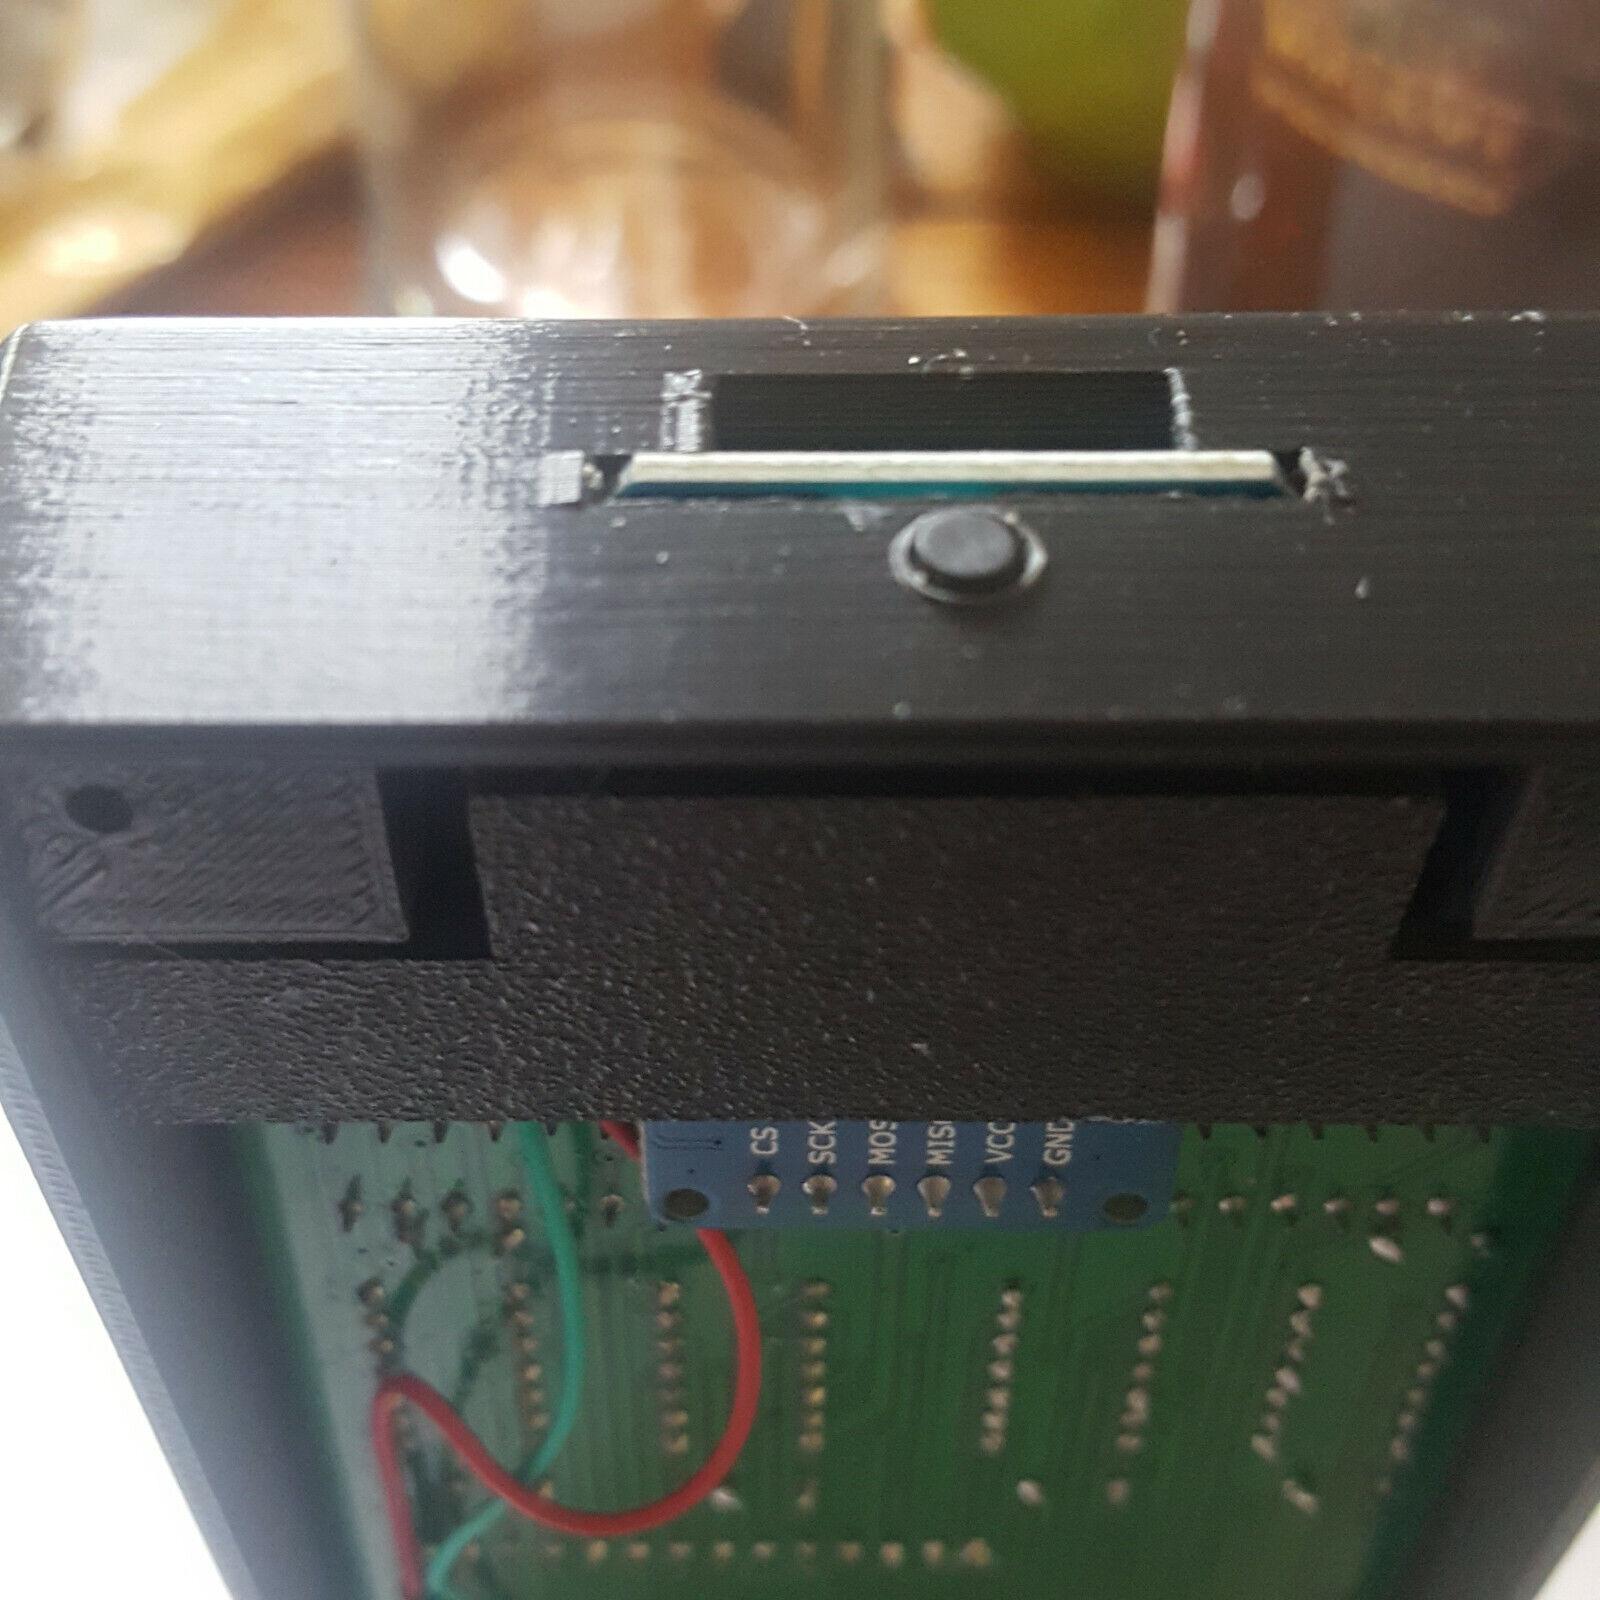 |Erebus Oric Atmos sd card flash cart Oric1